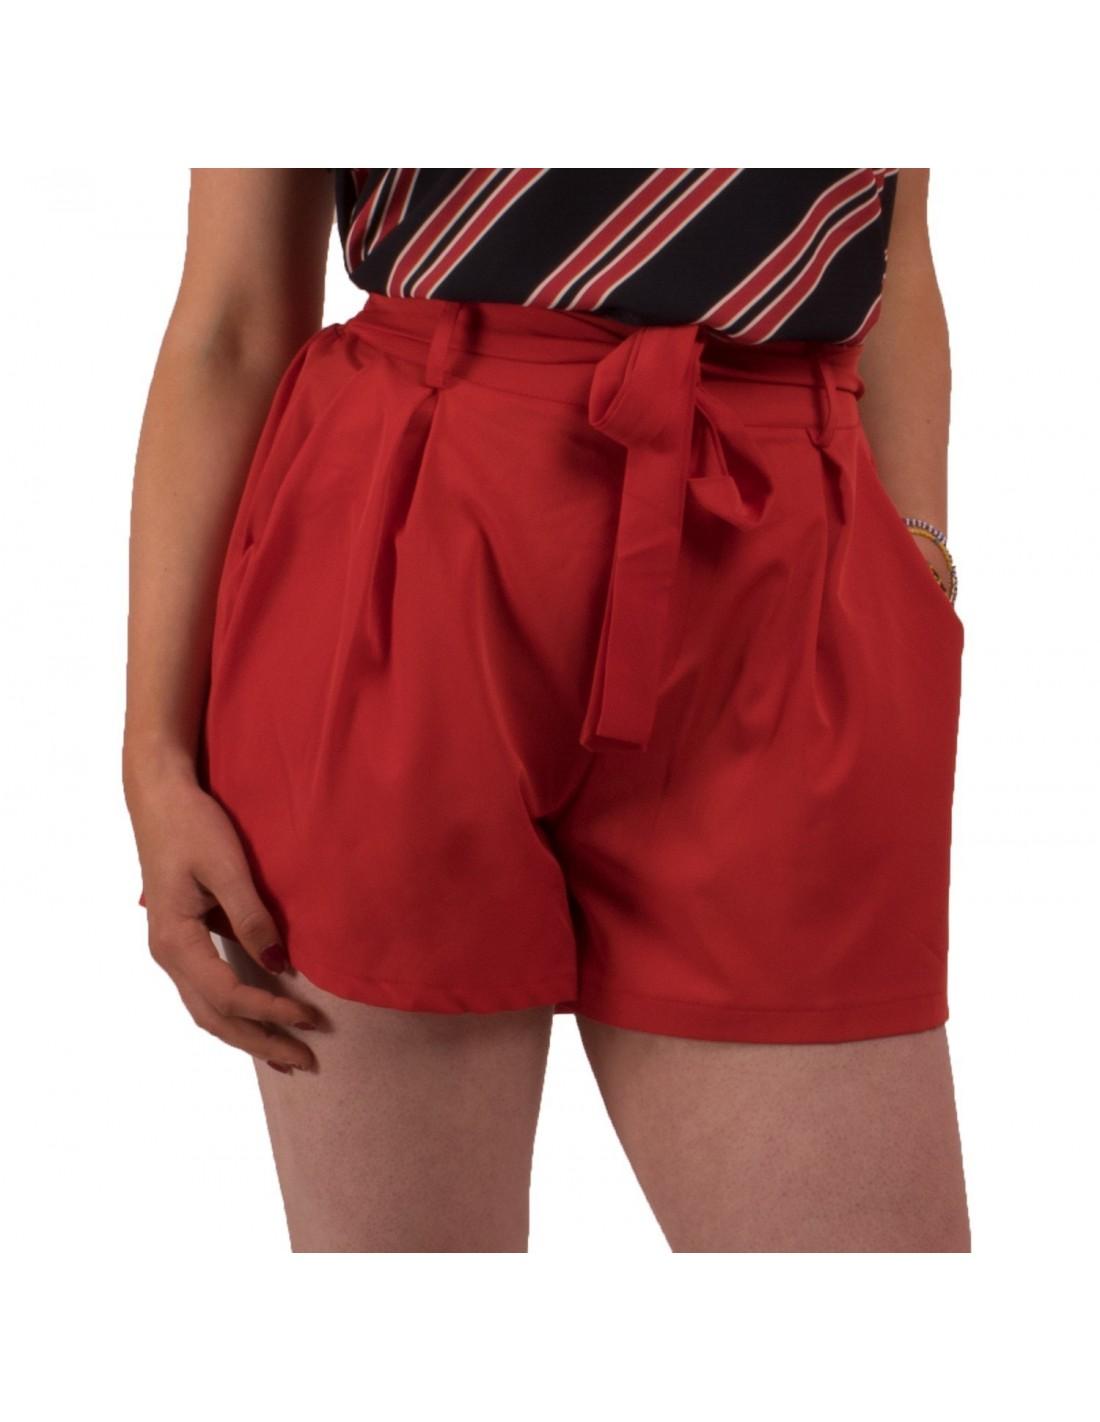 7d3d253e13 Short femme taille haute élastique ceinture noeud aspect fluide